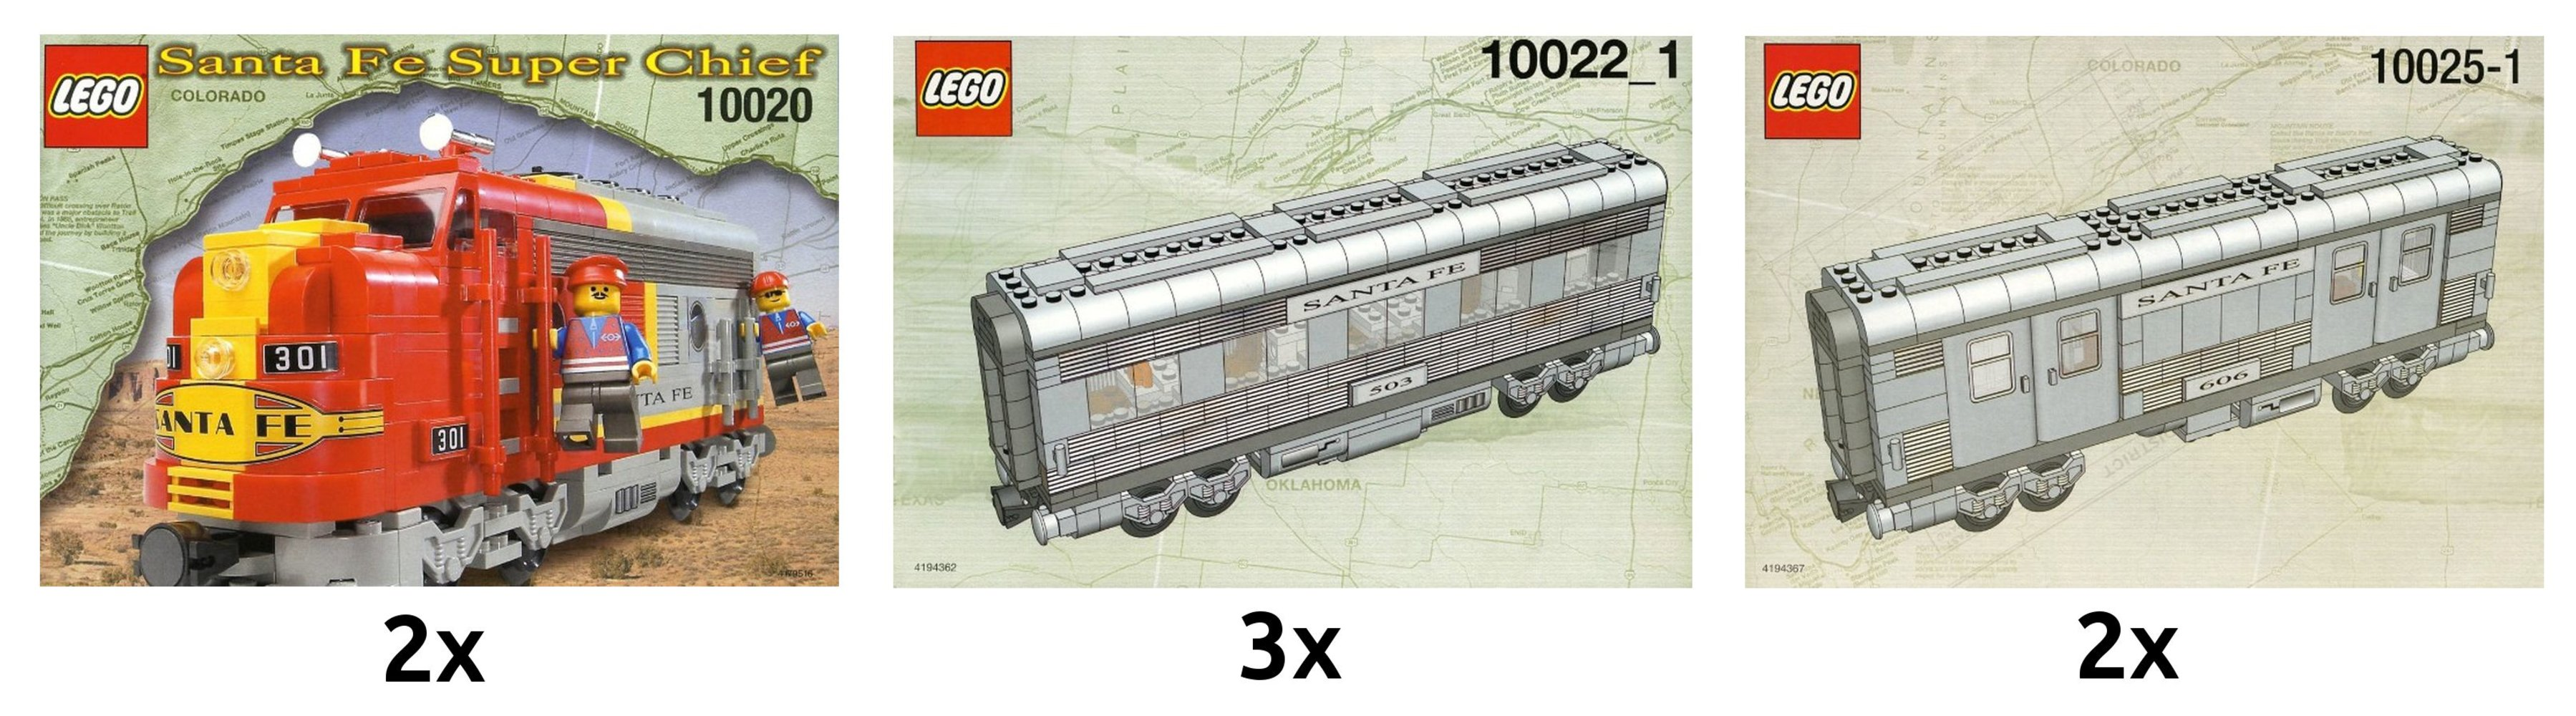 Santa Fe Train Kit